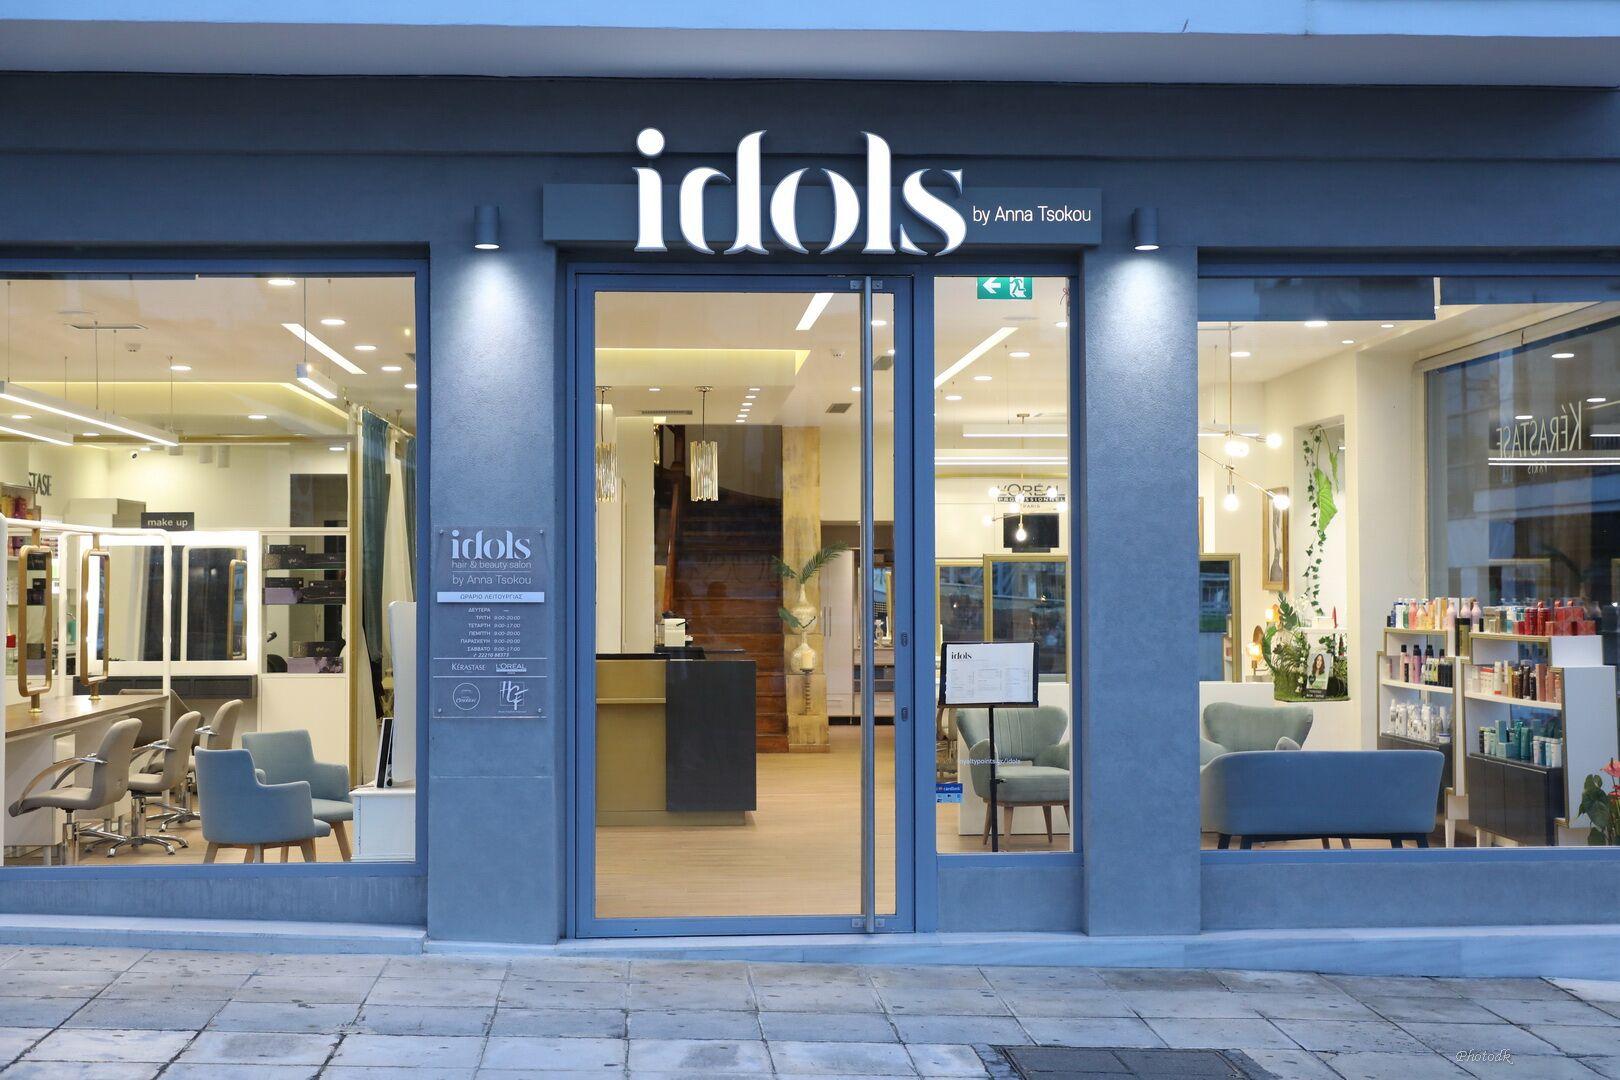 Idols - Ανακαλύψτε τον καλύτερό σας εαυτό, by Anna Tsokou στην Χαλκίδα